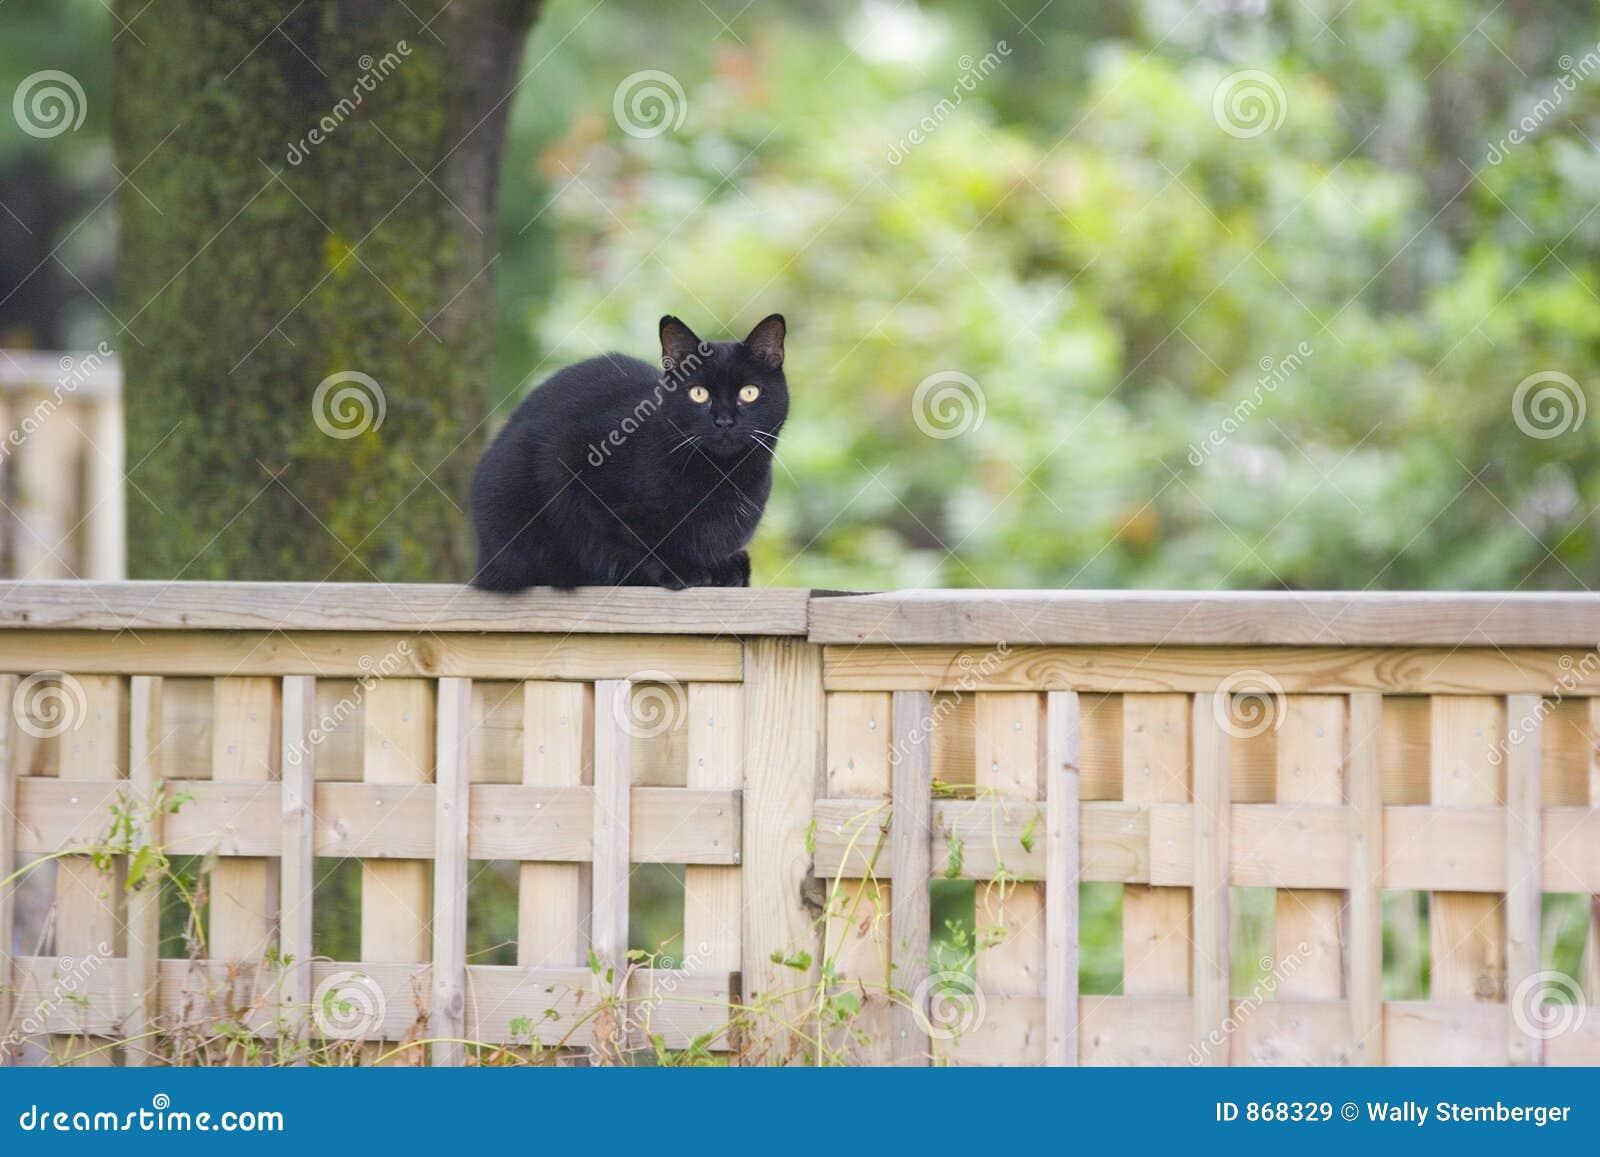 Katze Auf Einem Zaun Stockbild Bild Von Klein Tier Zaun 868329